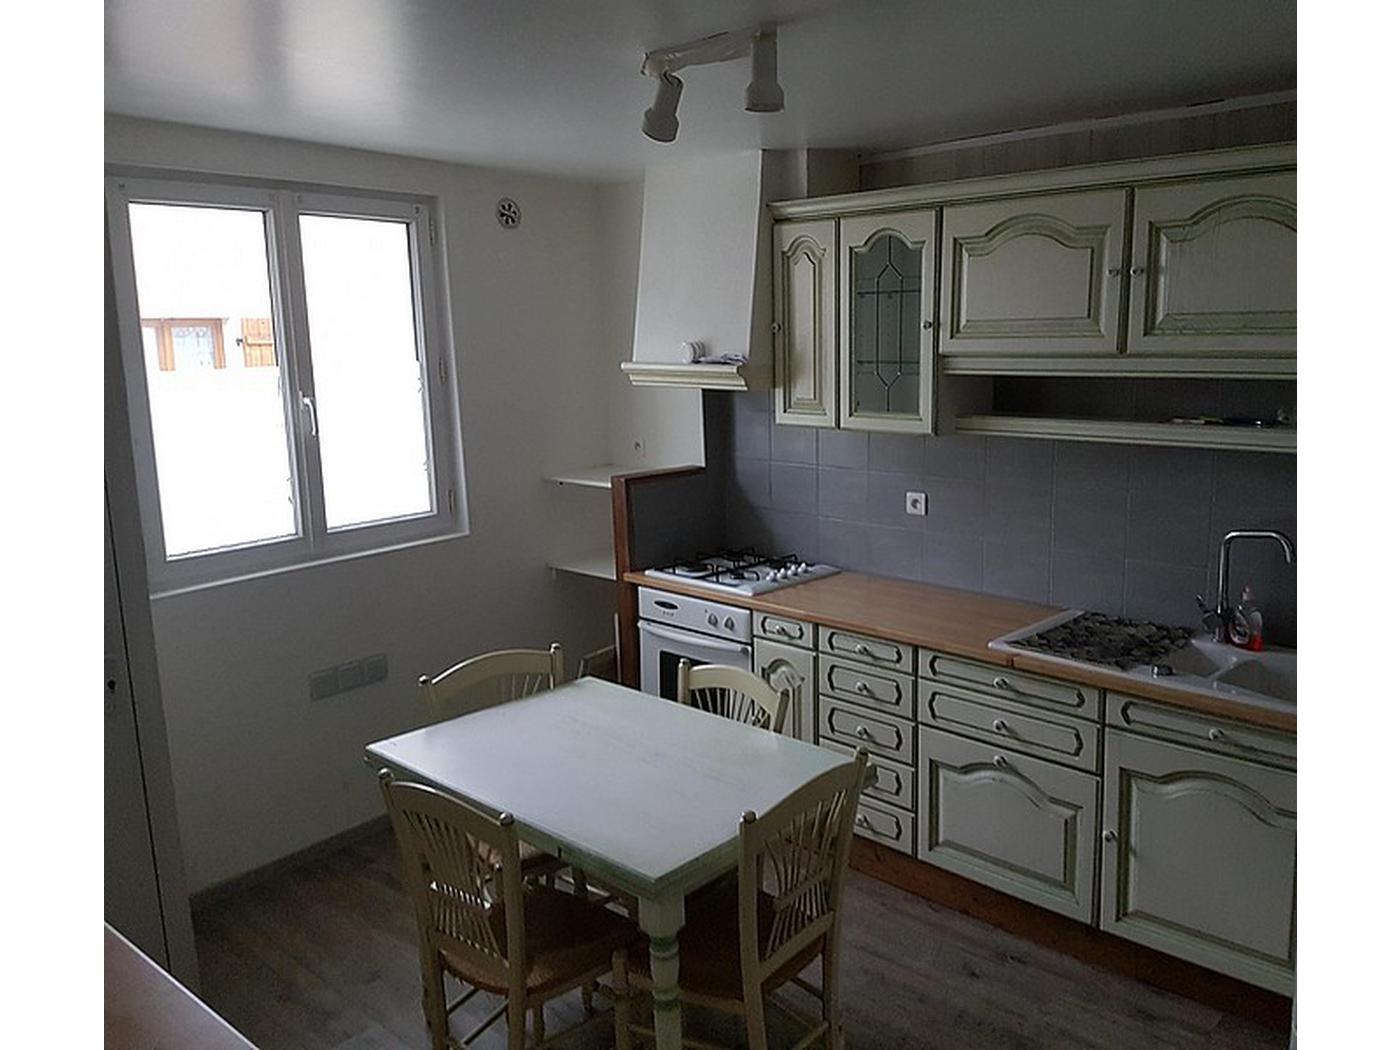 Achat Maison 75 M2 Triel Sur Seine 78510 5 Pieces